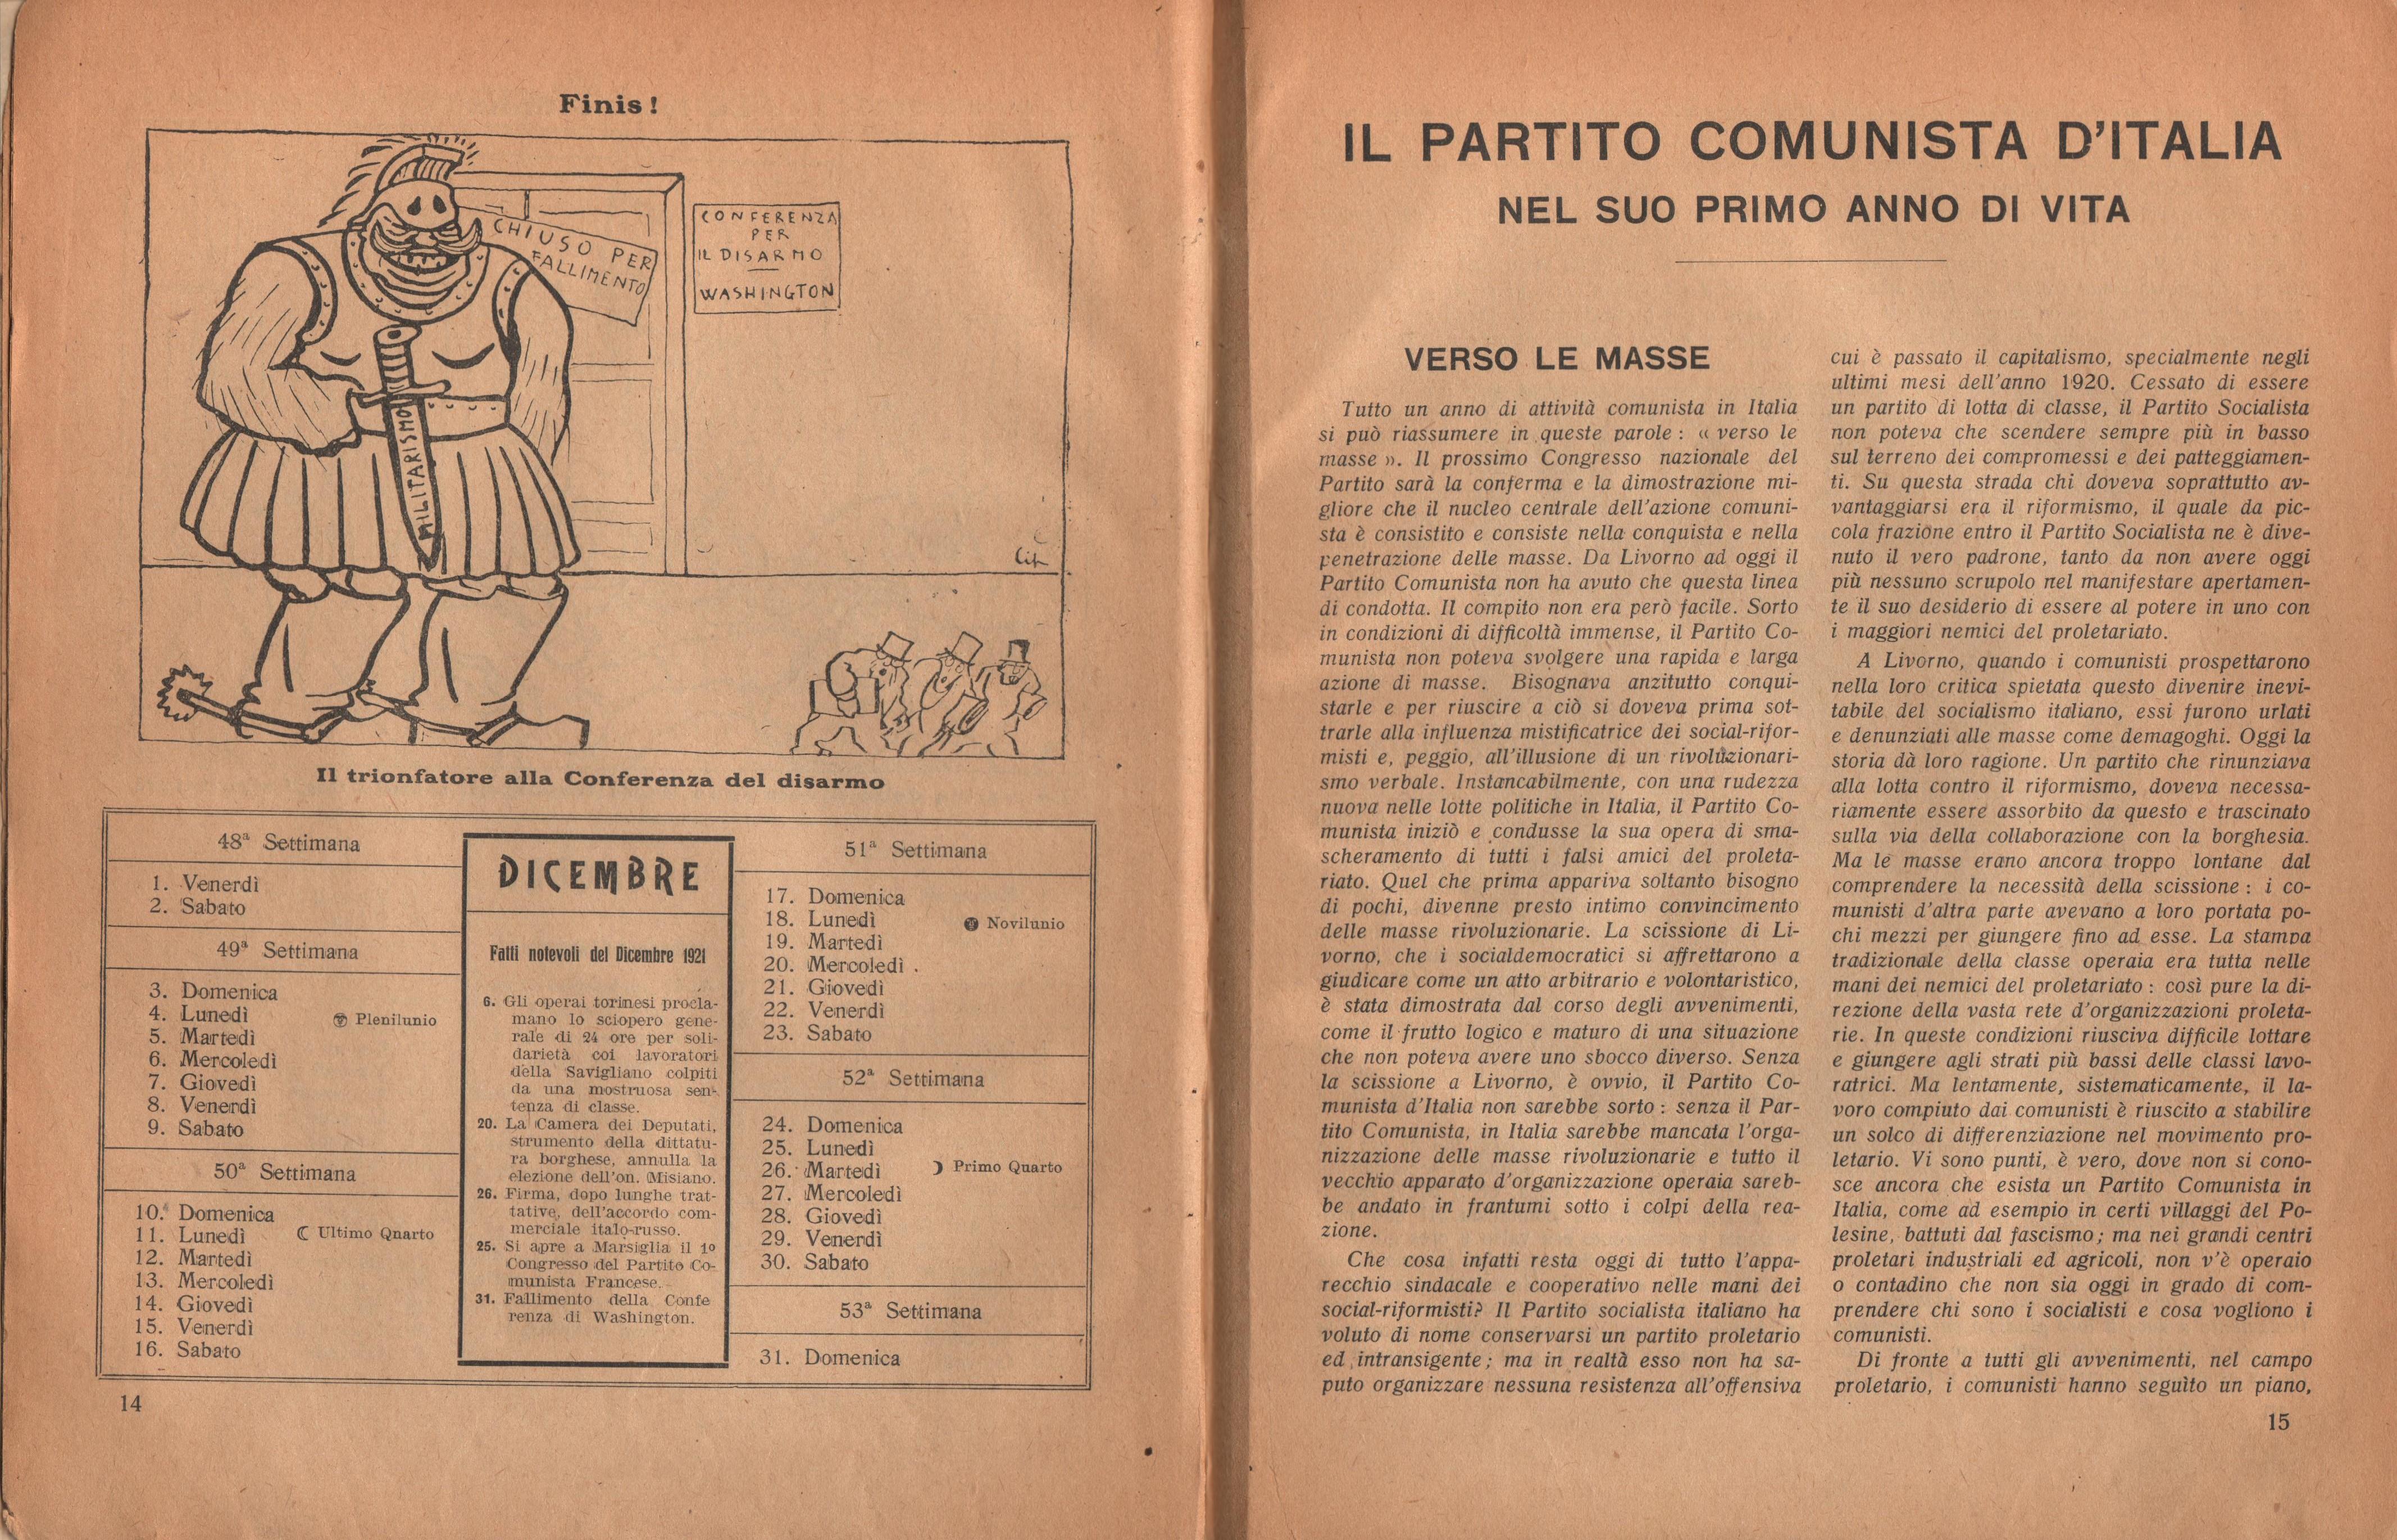 Almanacco comunista 1922 - pag. 9